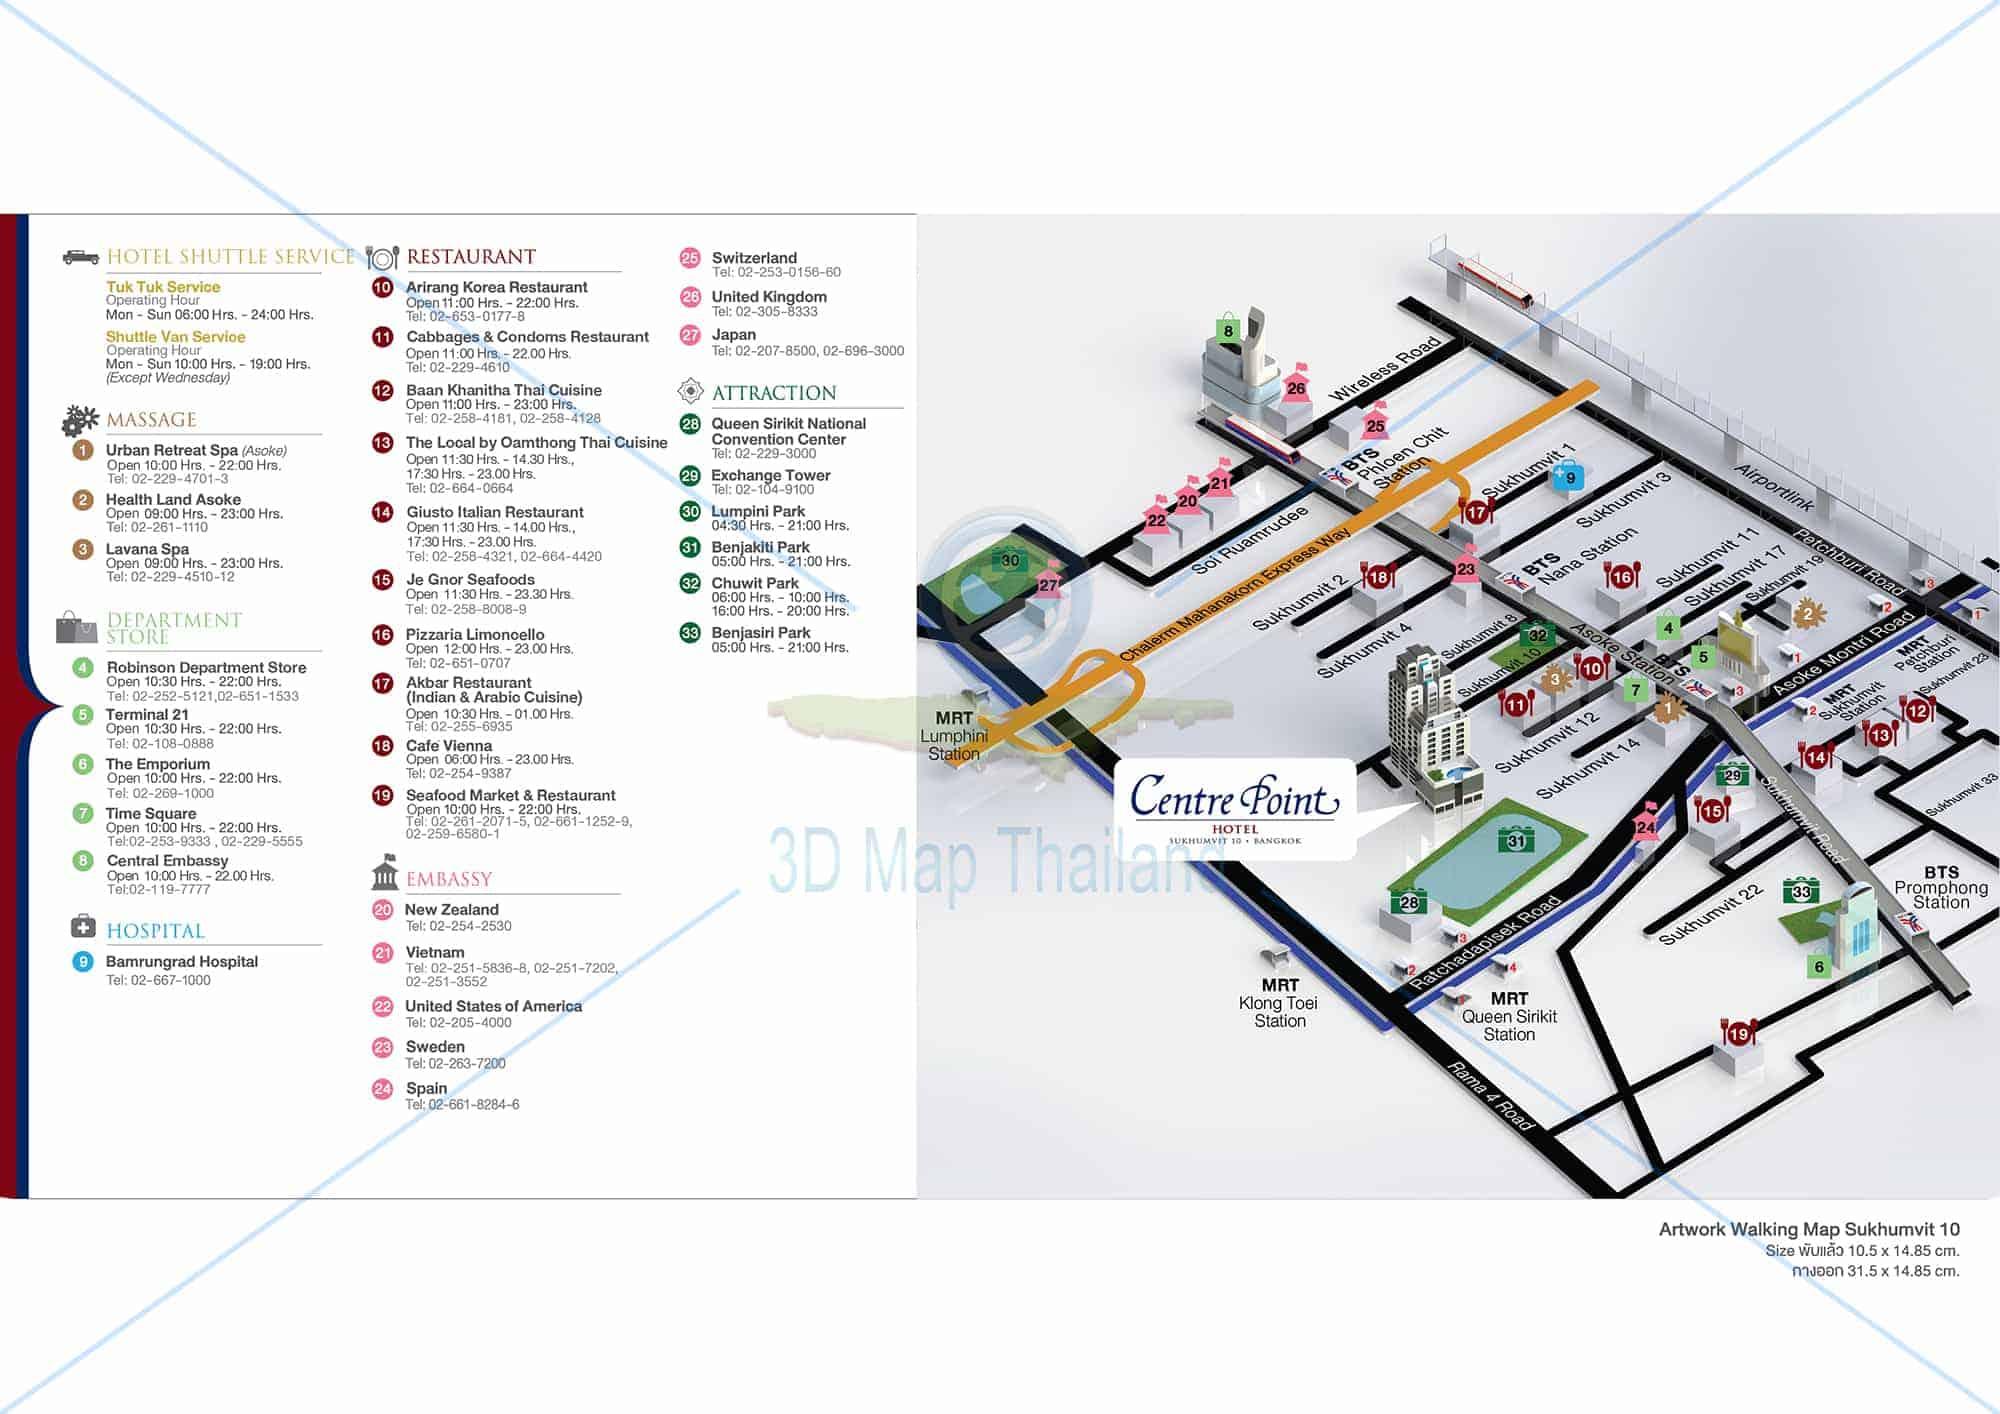 แผนที่รถเมล์ อนุสาวรีย์ชัยสมรภูมิ เกาะดินแดง